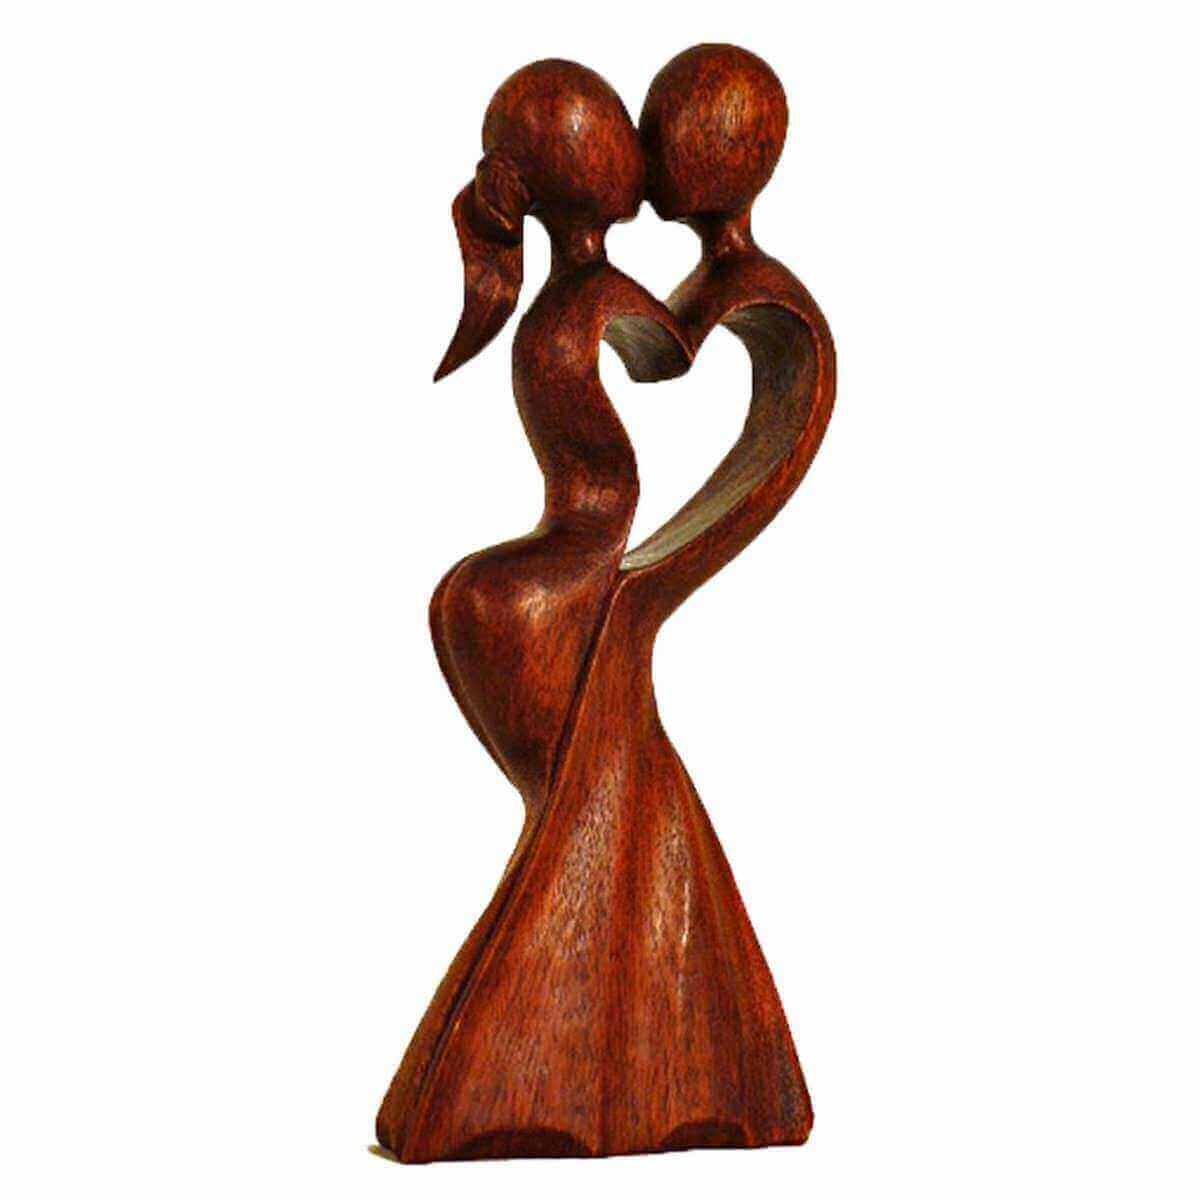 figurita madera escultura abstracta figura madera estatua asia frica mano trabajo decoracin la boda